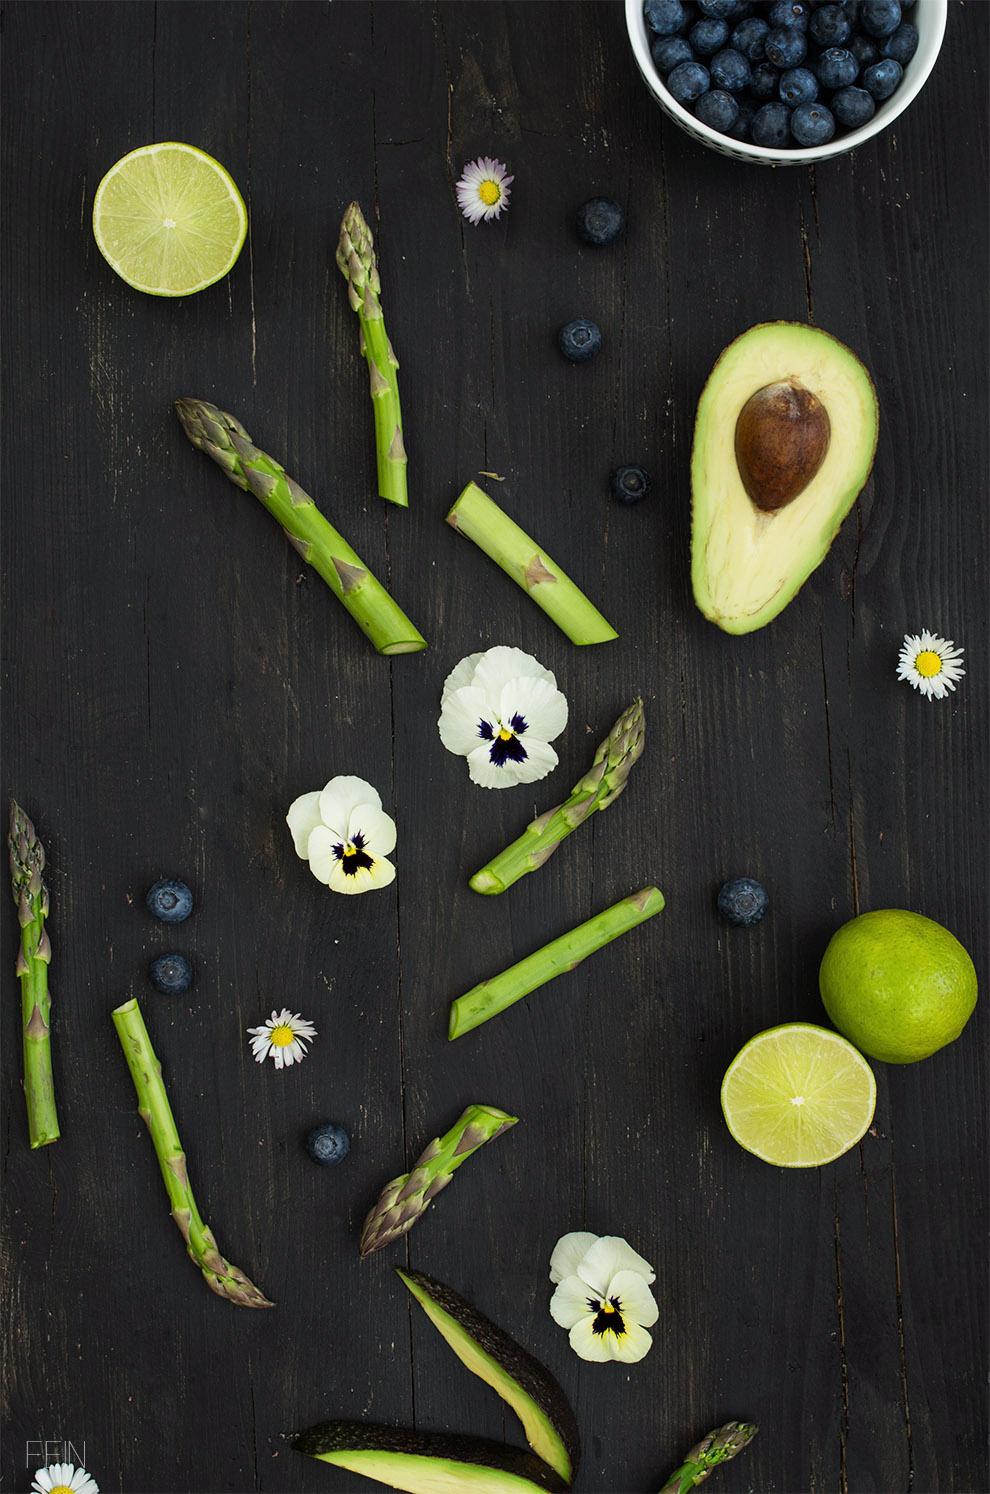 Frühlingssalat Spargel Veilchen Blaubeere2